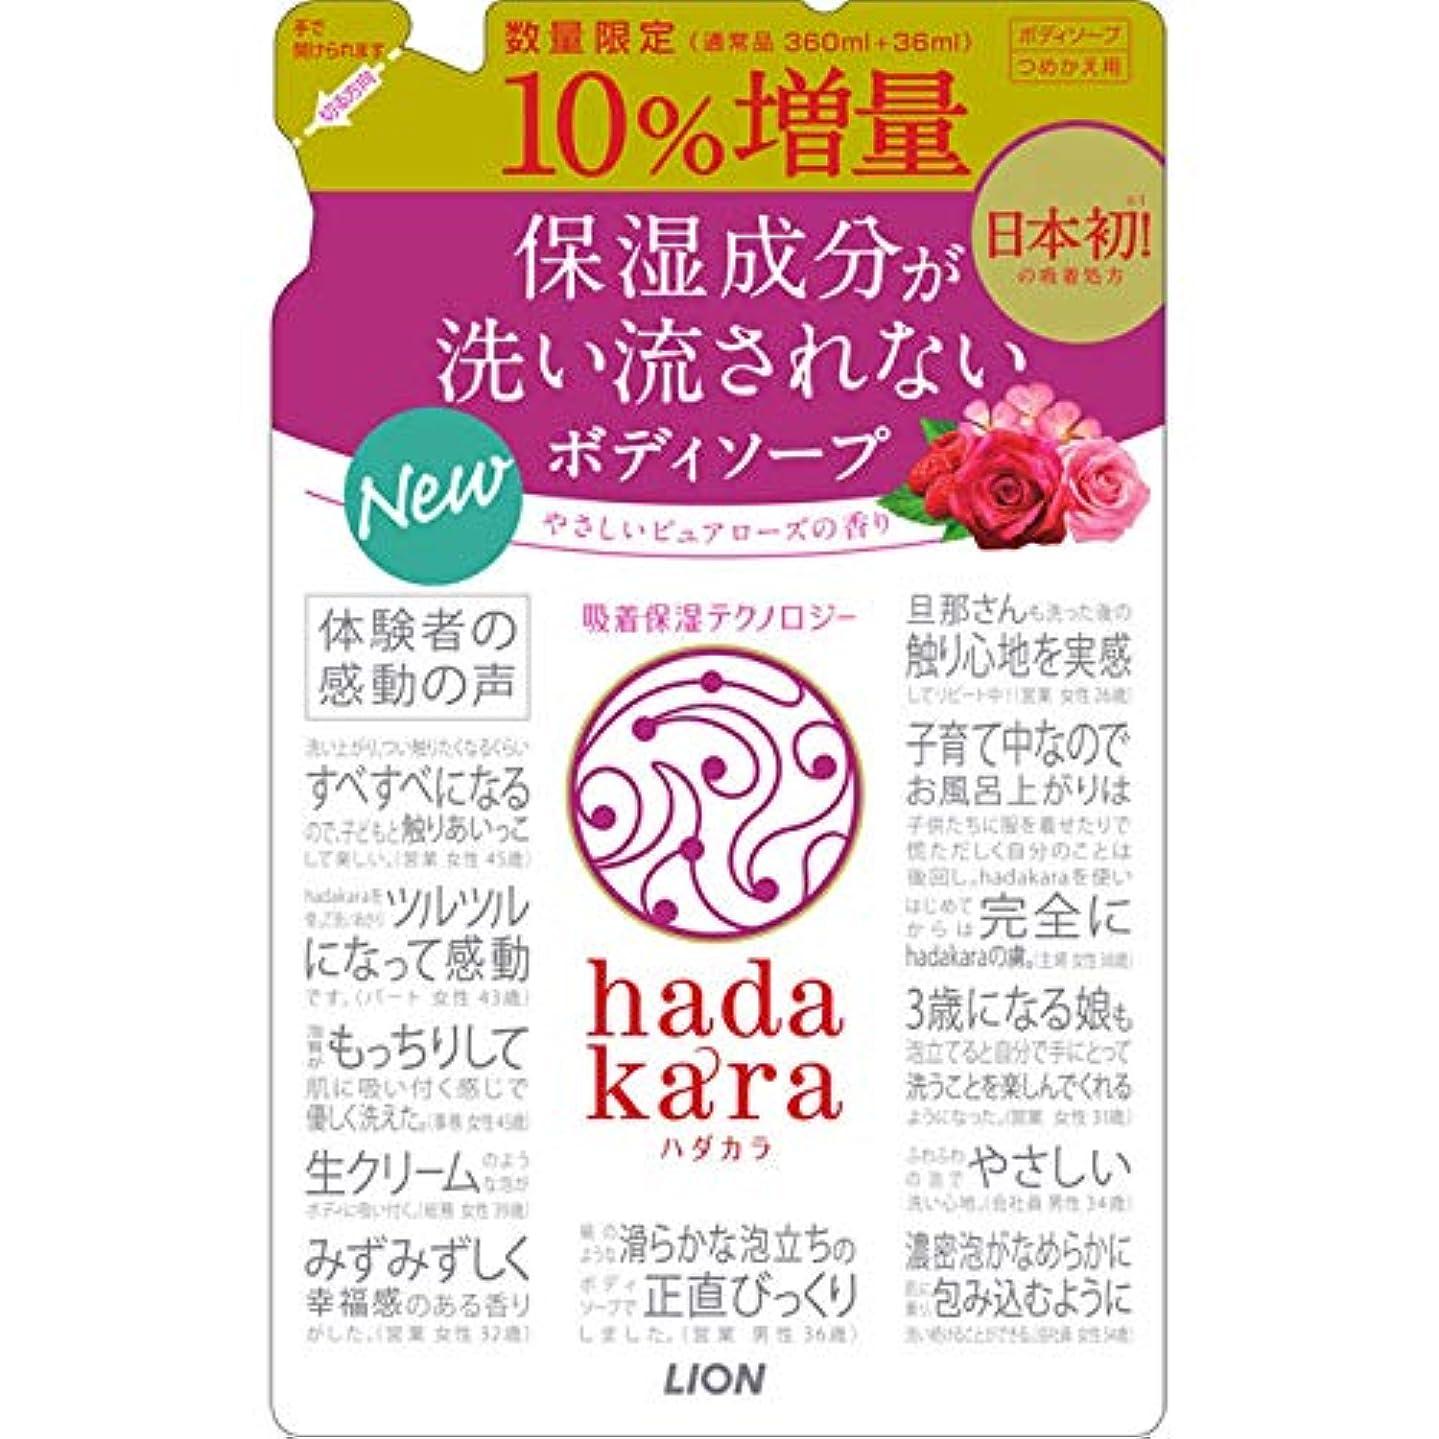 毛皮深く明るいライオン hadakara ボディソープローズ詰替増量 396ml